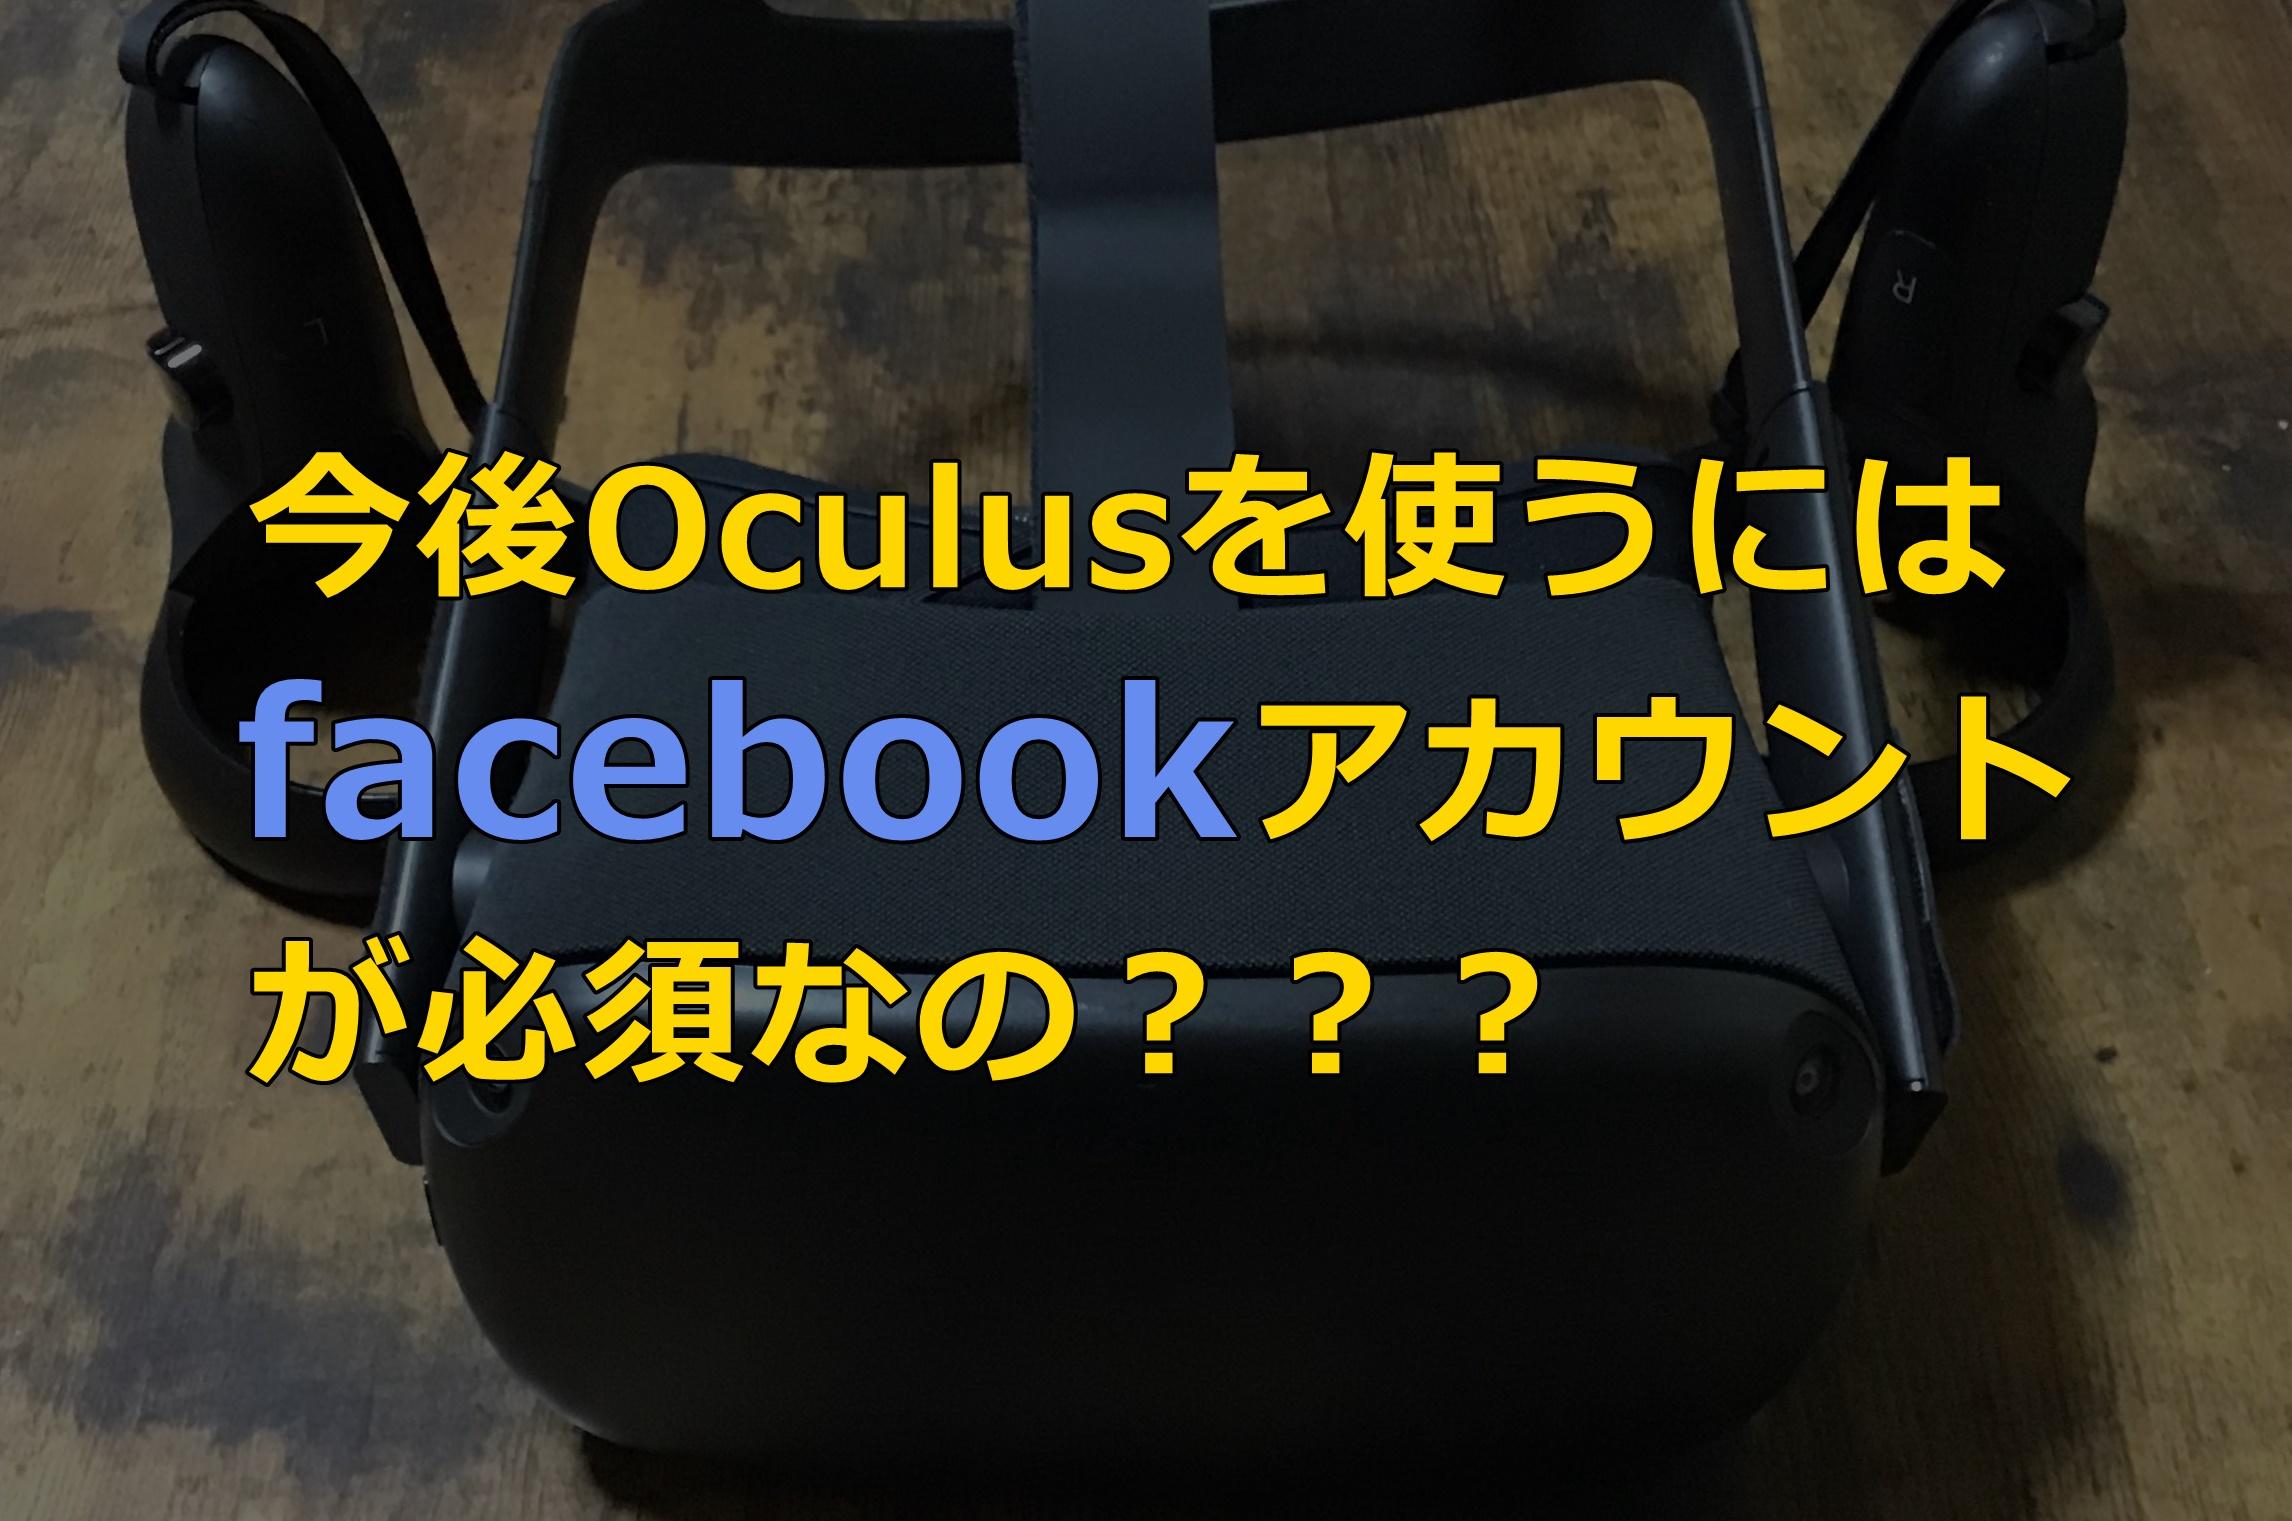 【OculusQuest/Quest2】facebookアカウントを設定するのは必須なのか問題